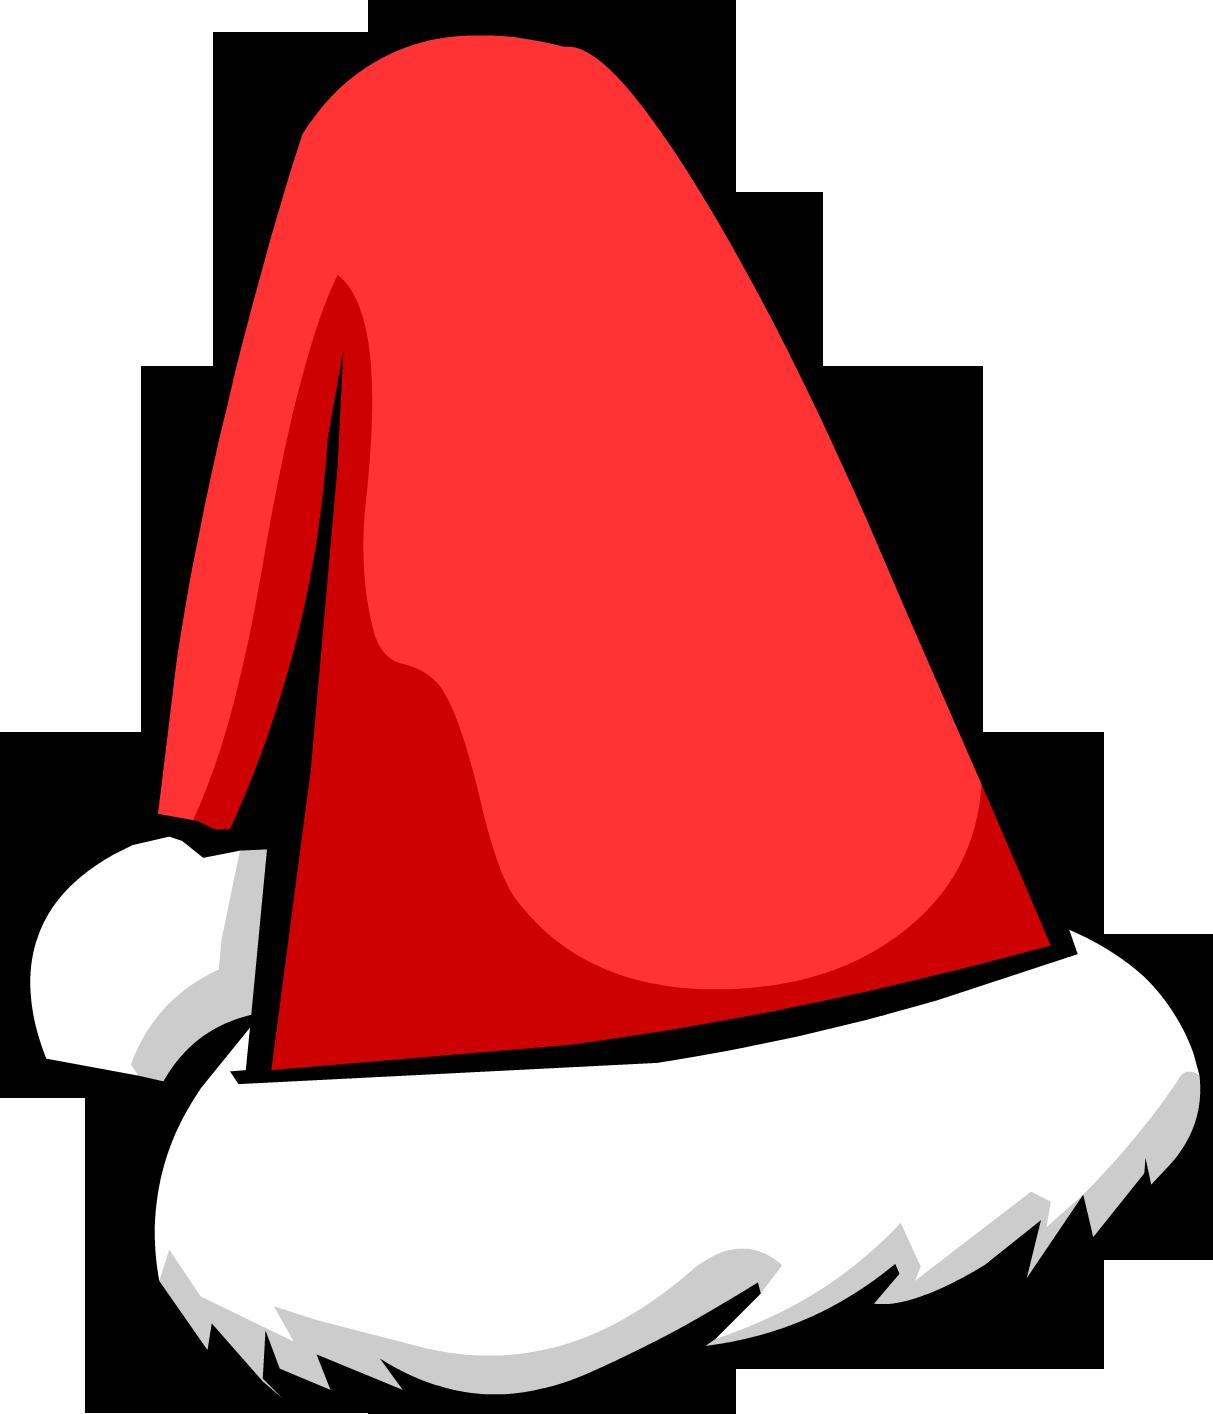 Santa Hat Png - ClipArt Best